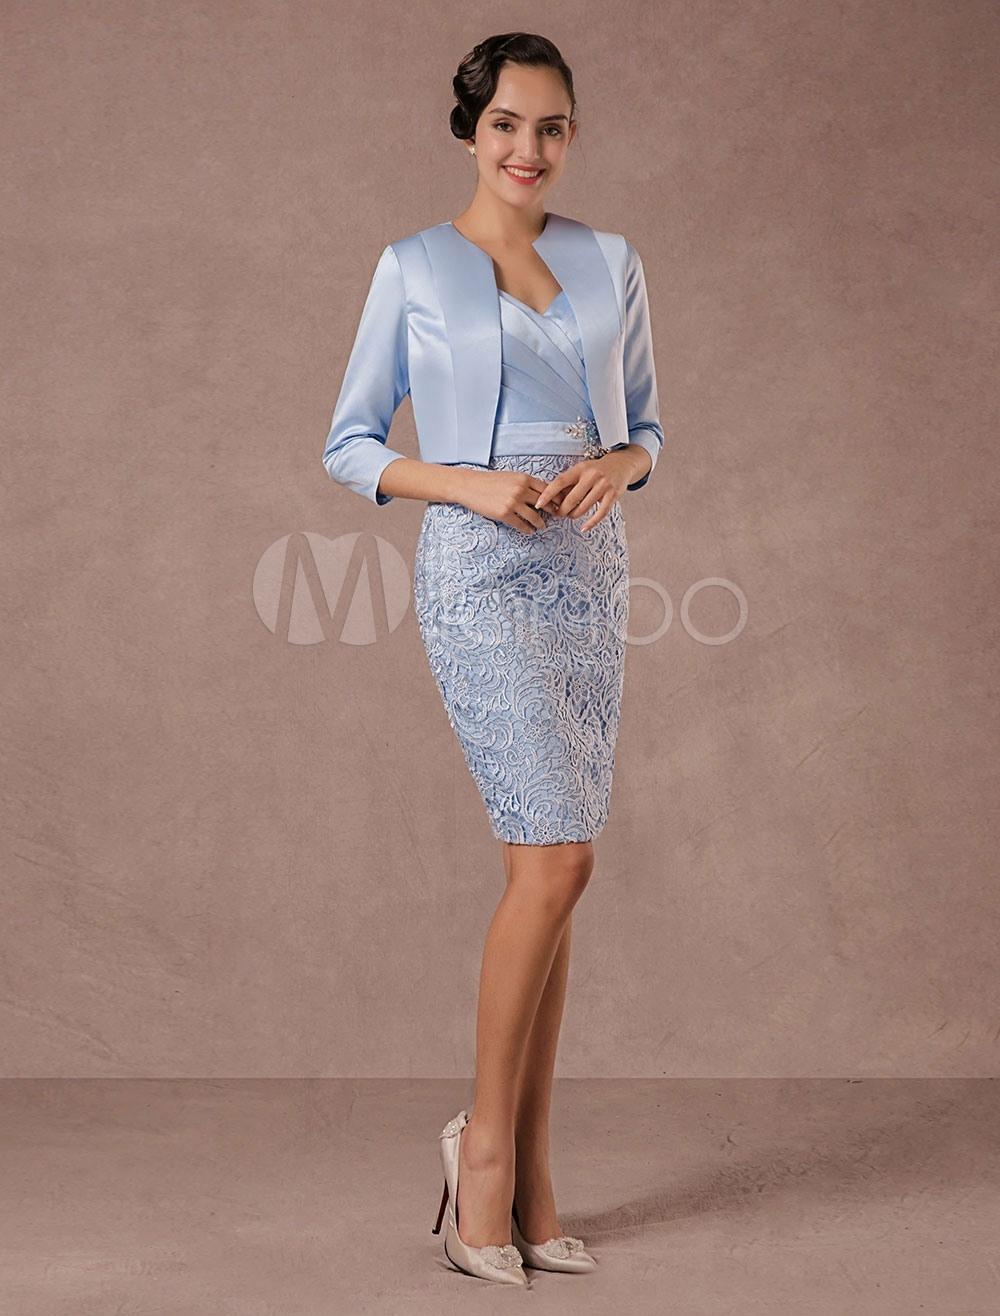 Abend Schön Kleider Für Hochzeit Größe 50 ÄrmelAbend Einfach Kleider Für Hochzeit Größe 50 Spezialgebiet